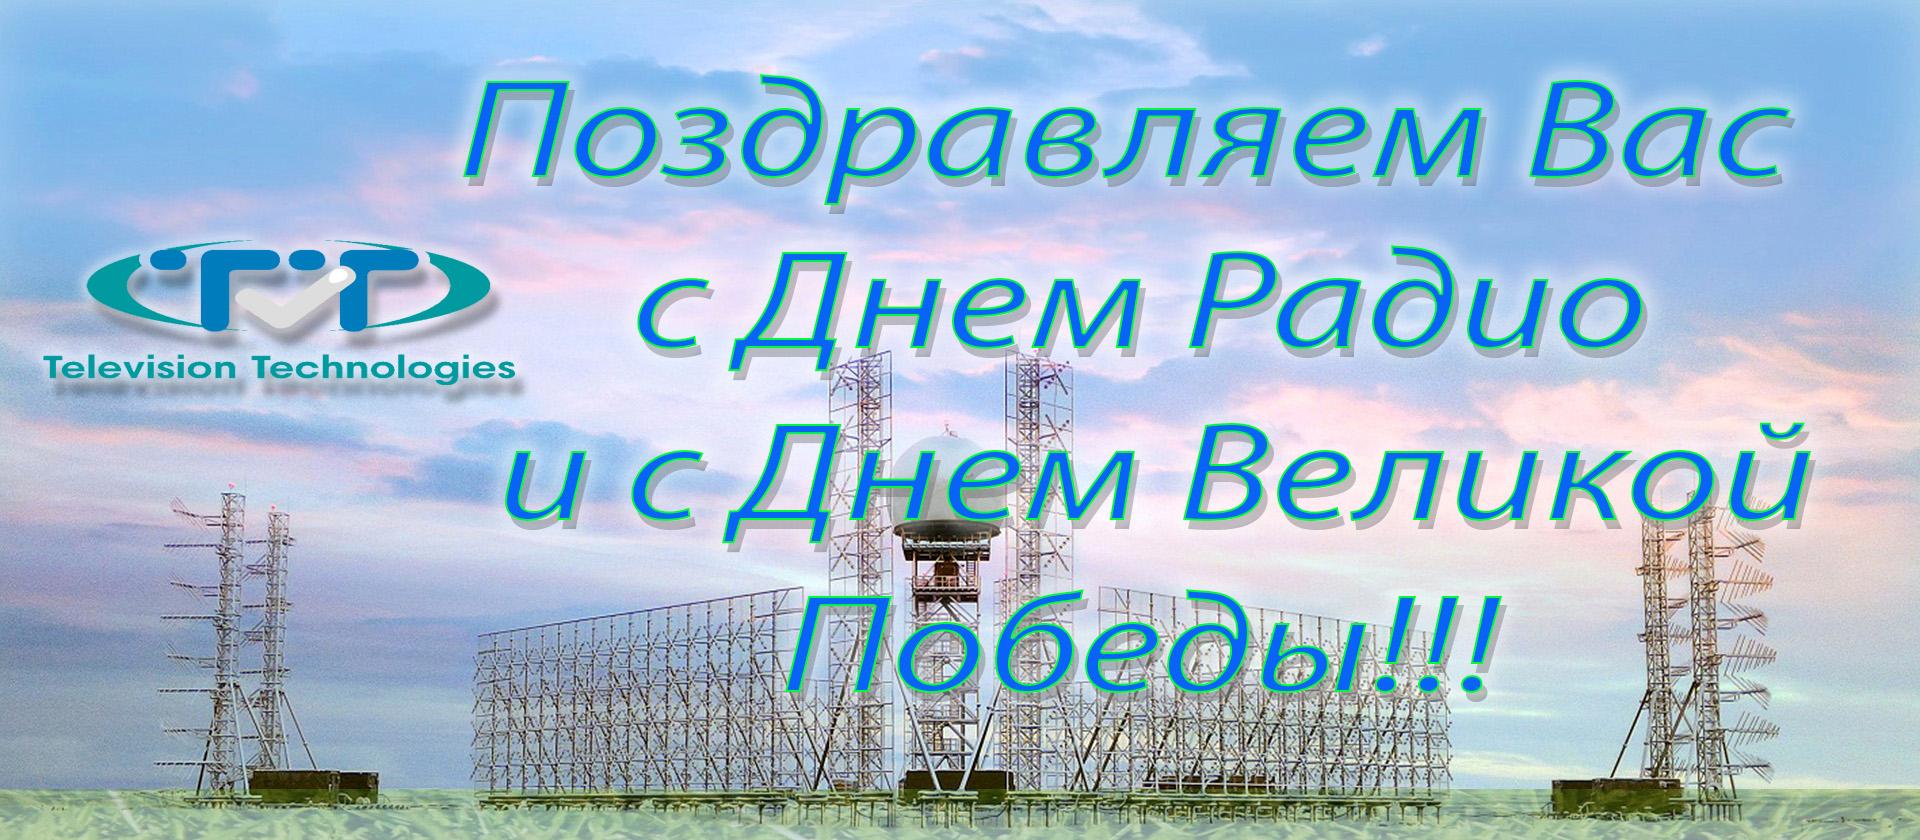 С Днем Радио и с Днем Победы!